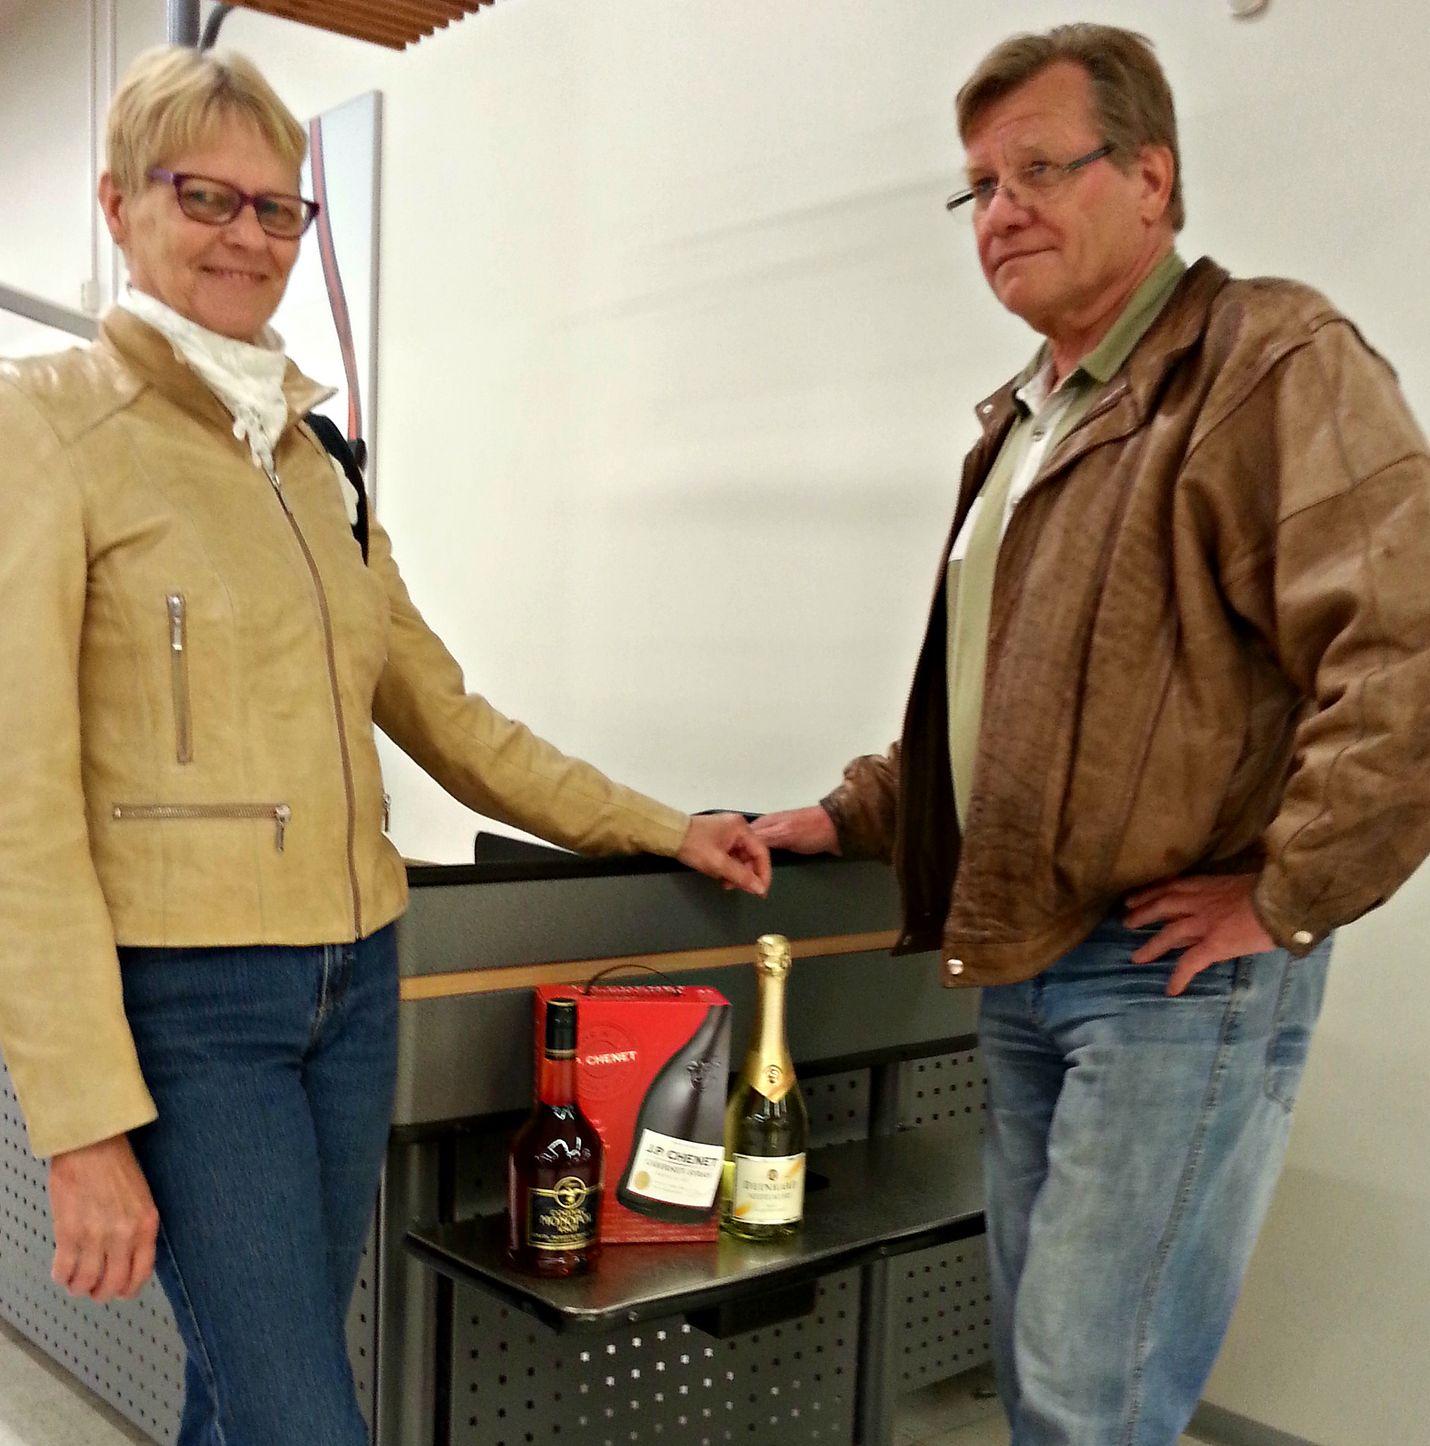 Seija ja Tero Nordvall viettävät juhannusta kotona grilliruuasta ja hyvästä seurasta nauttien.